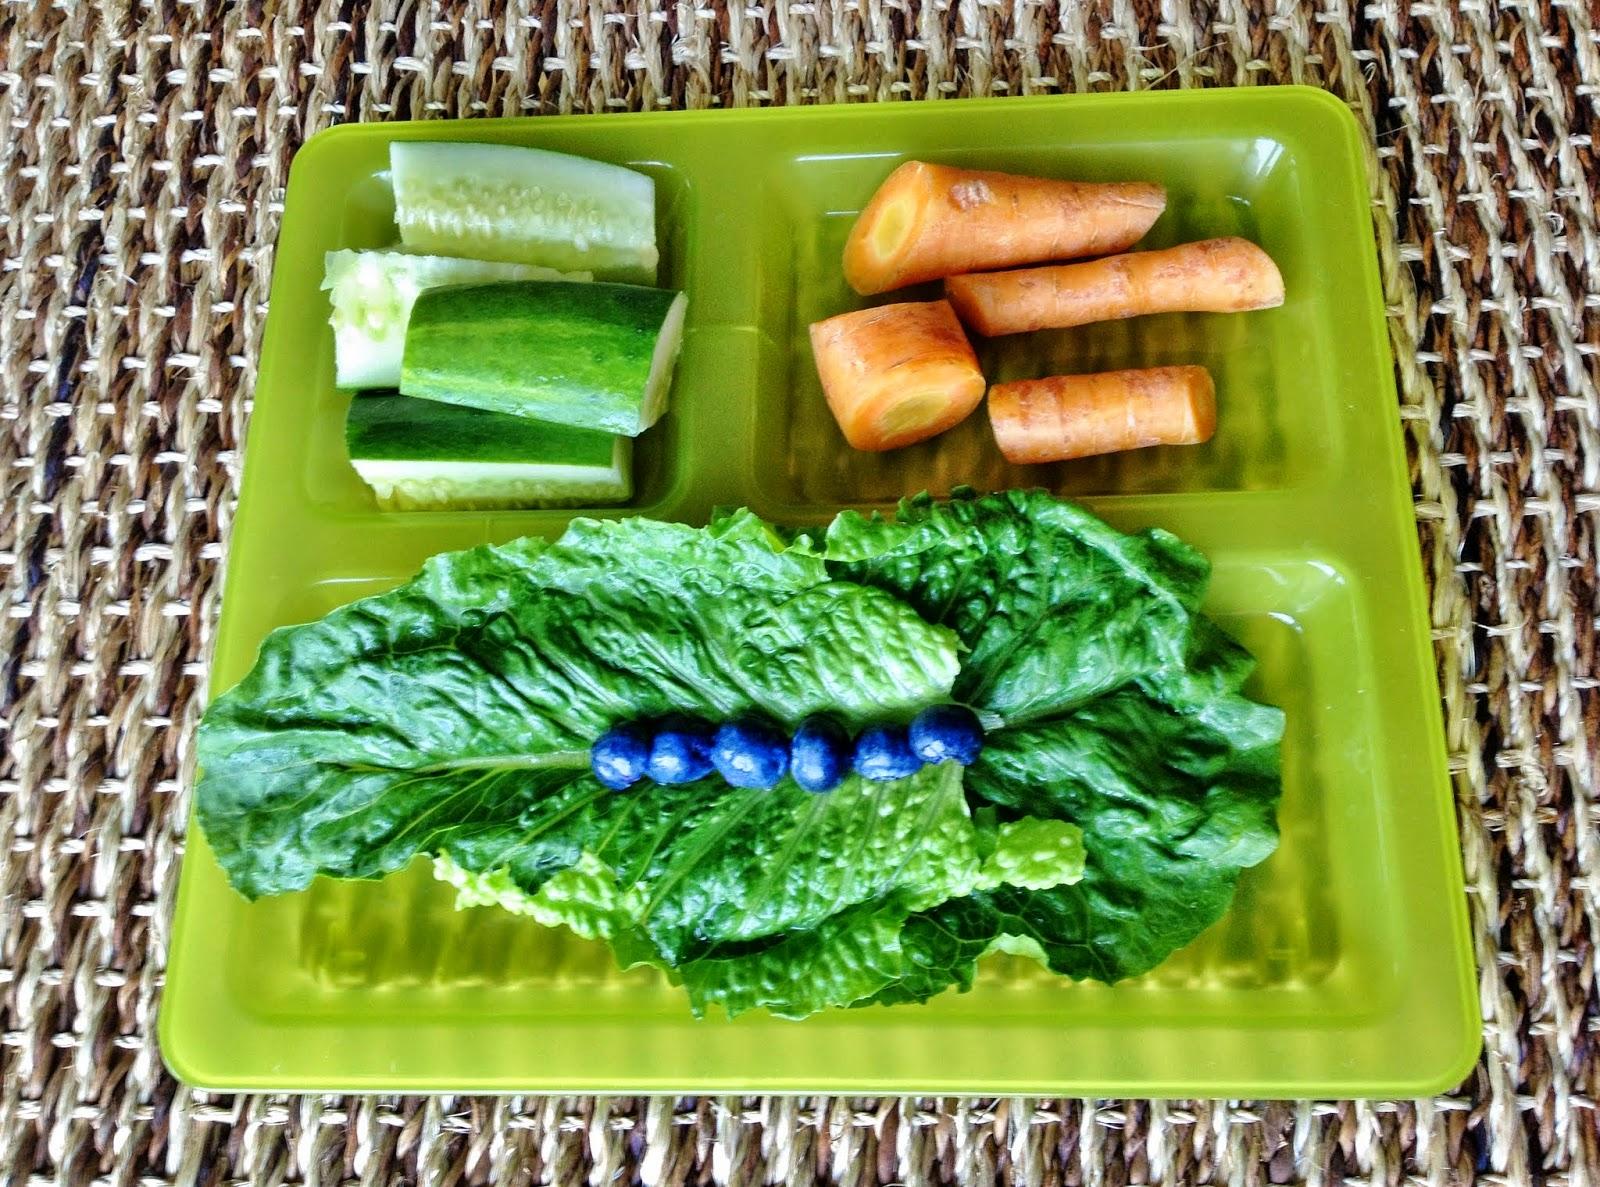 Guinea Pig breakfast: romaine lettuce, blueberries, carrots, cucumber.